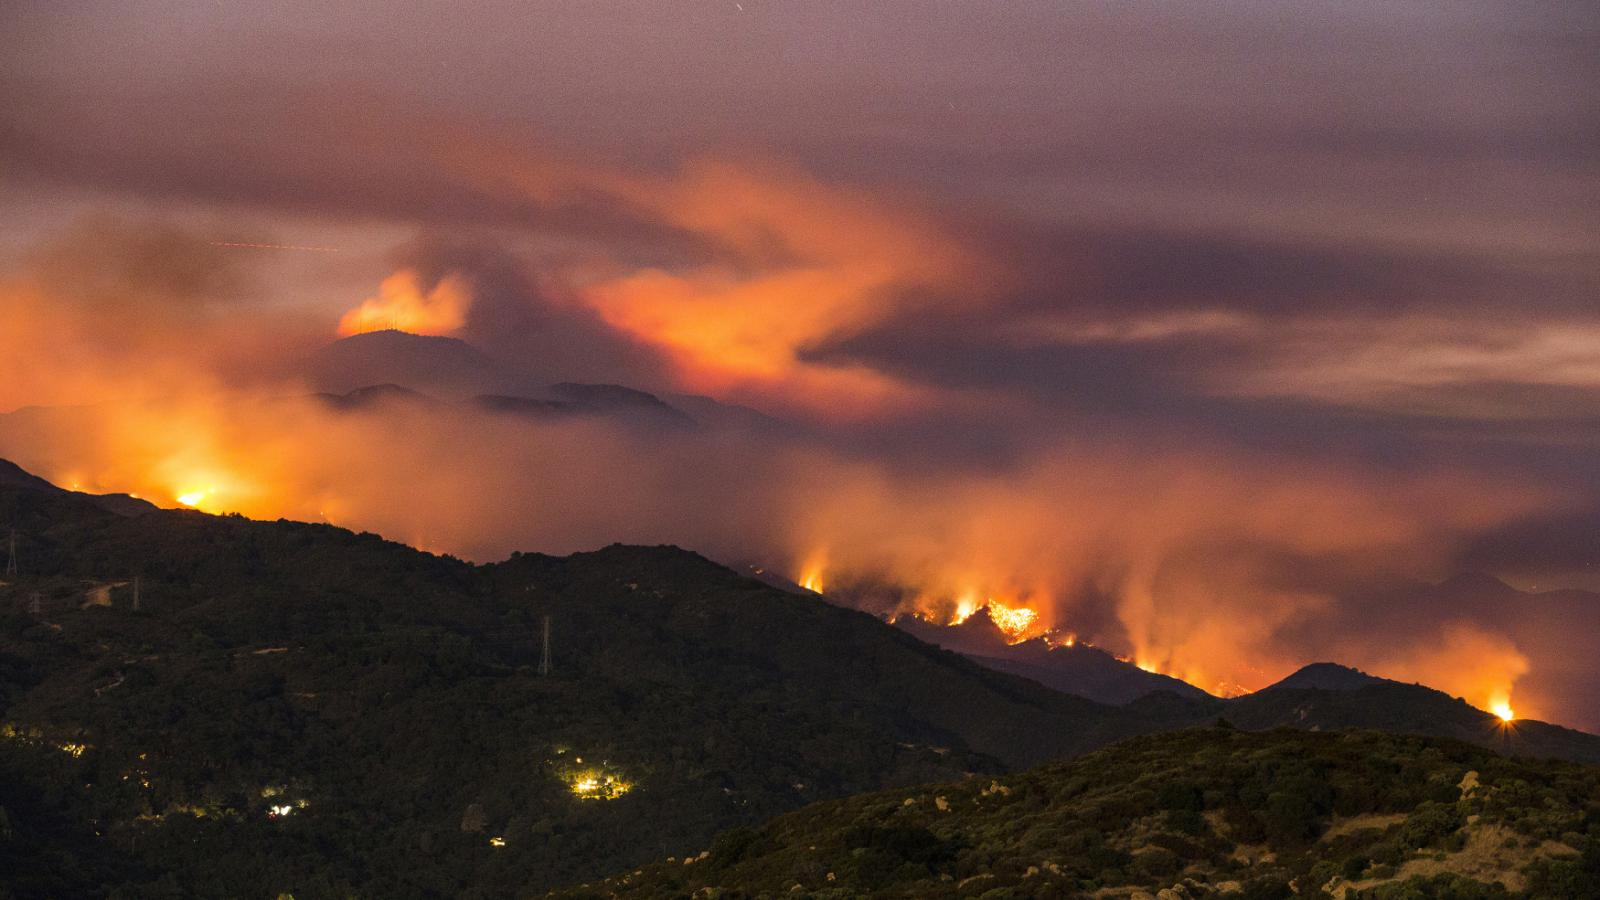 Jižní Kalifornie. Požár v okrsku Santa Barbara